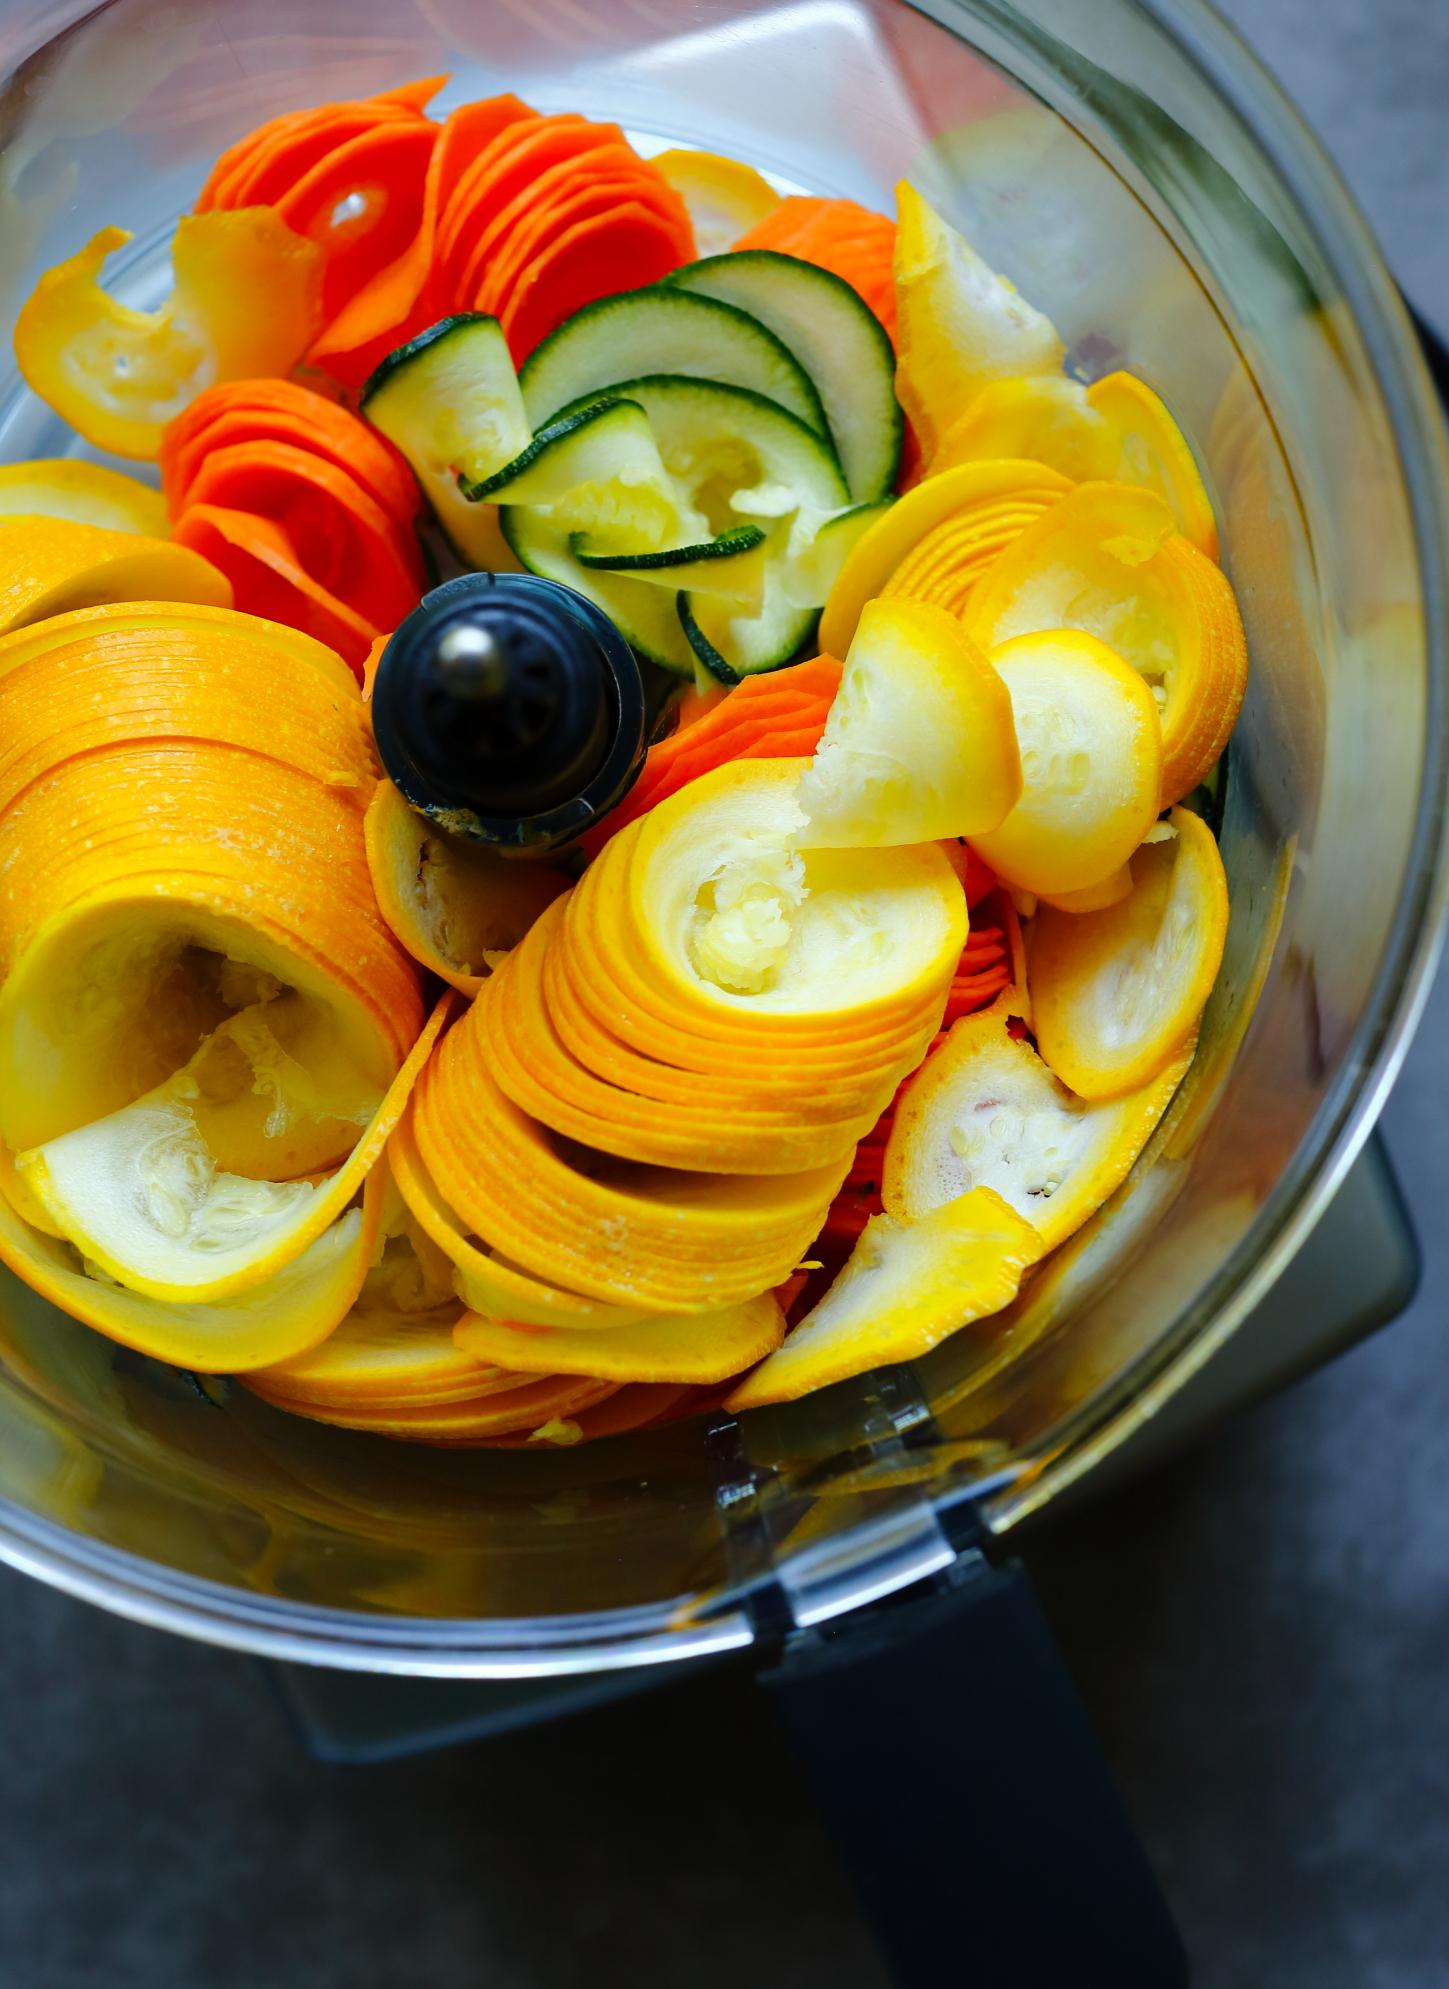 Dynia Acorn nadziewana warzywami